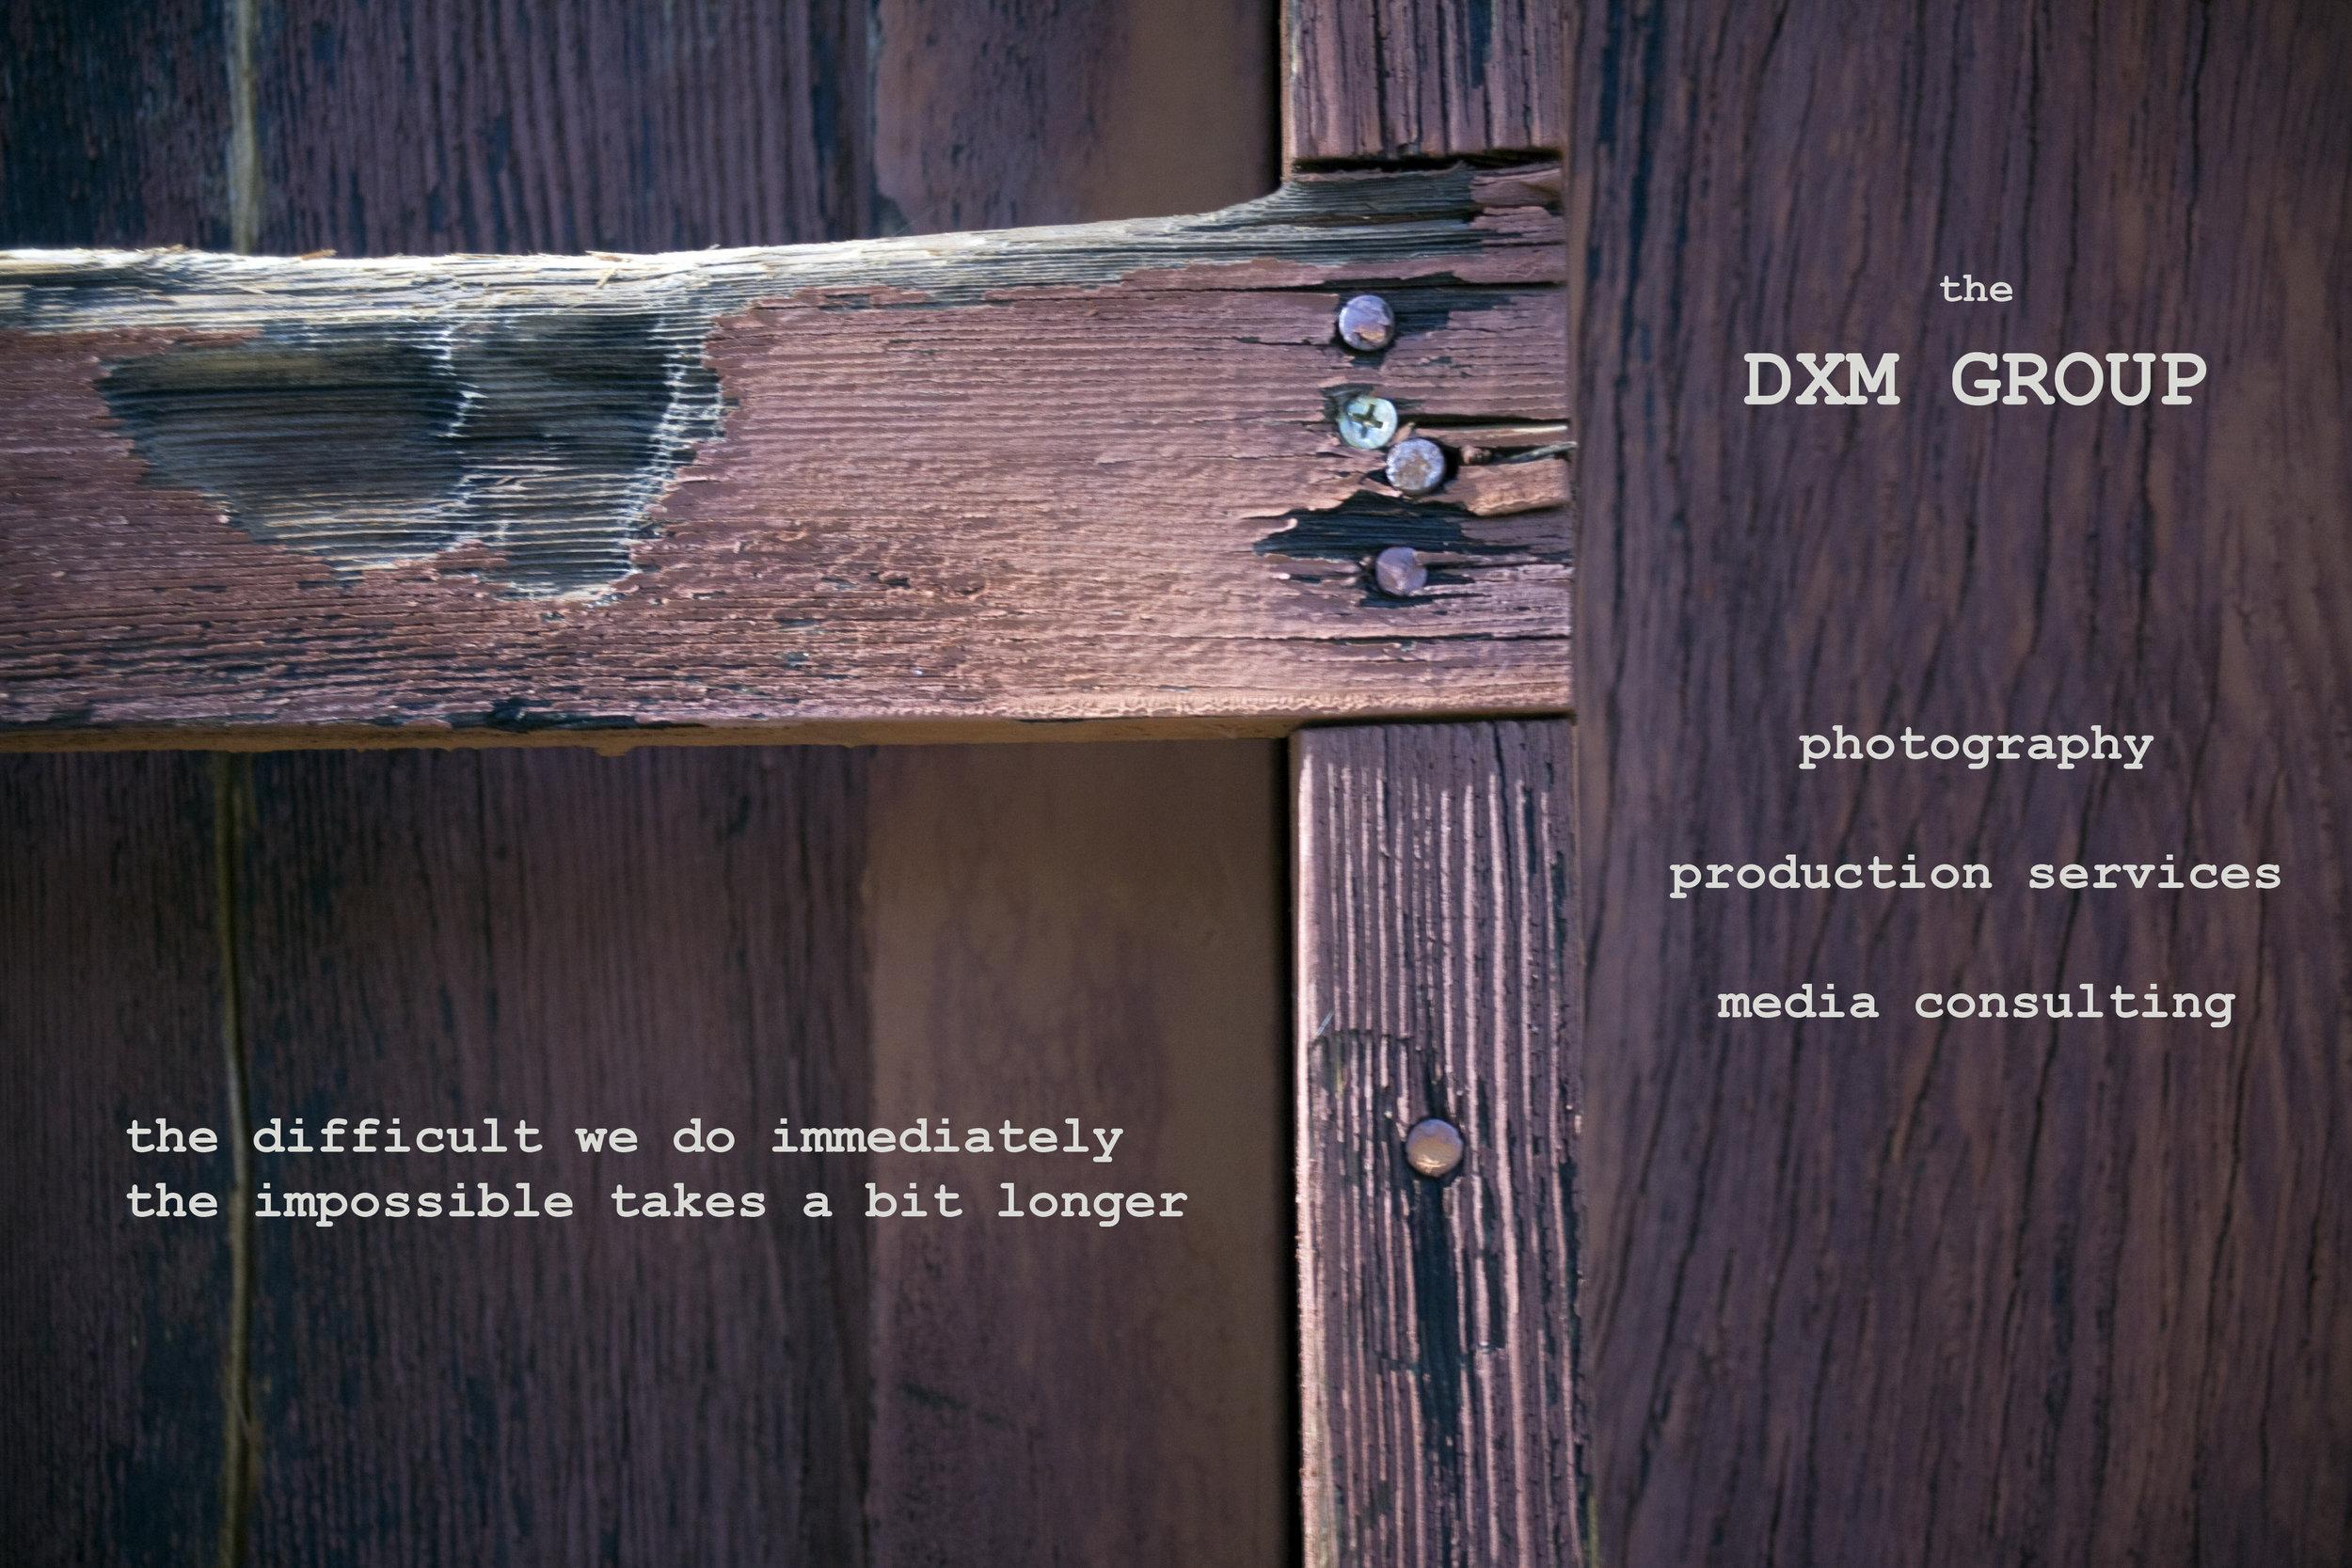 DXM_1.0.jpg